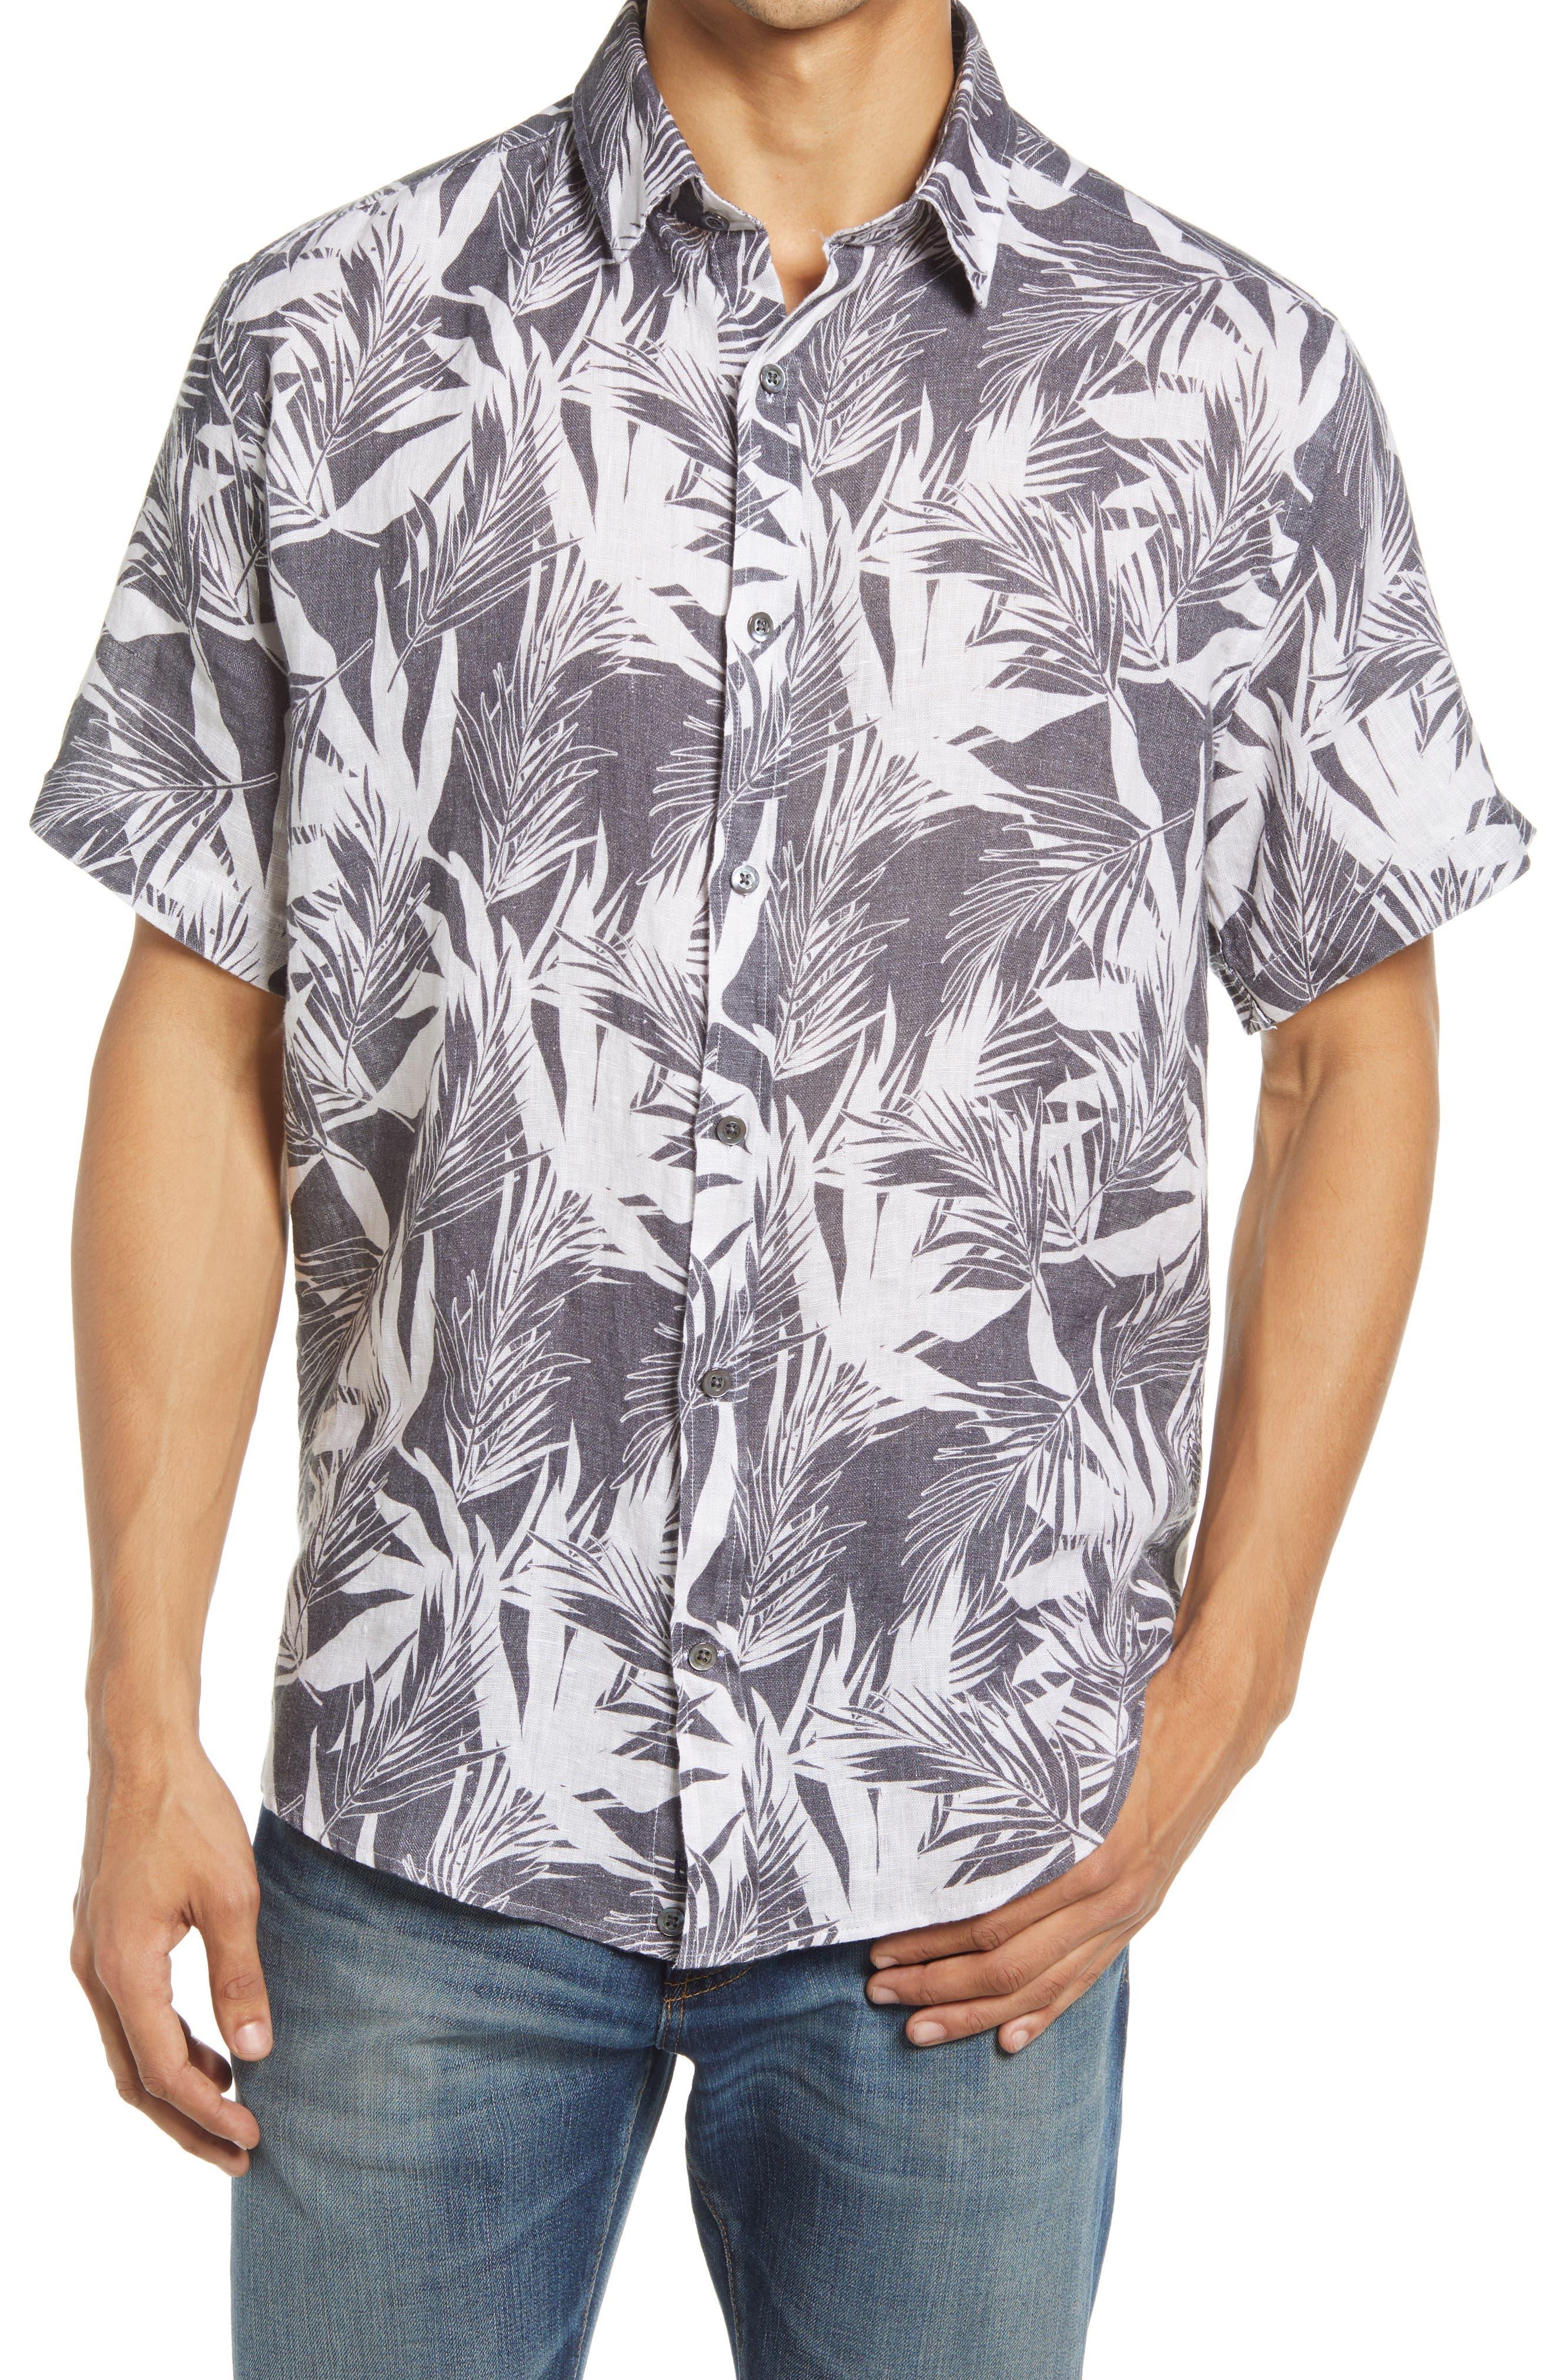 Regular Fit Palm Print Linen Short Sleeve Button-Up Shirt